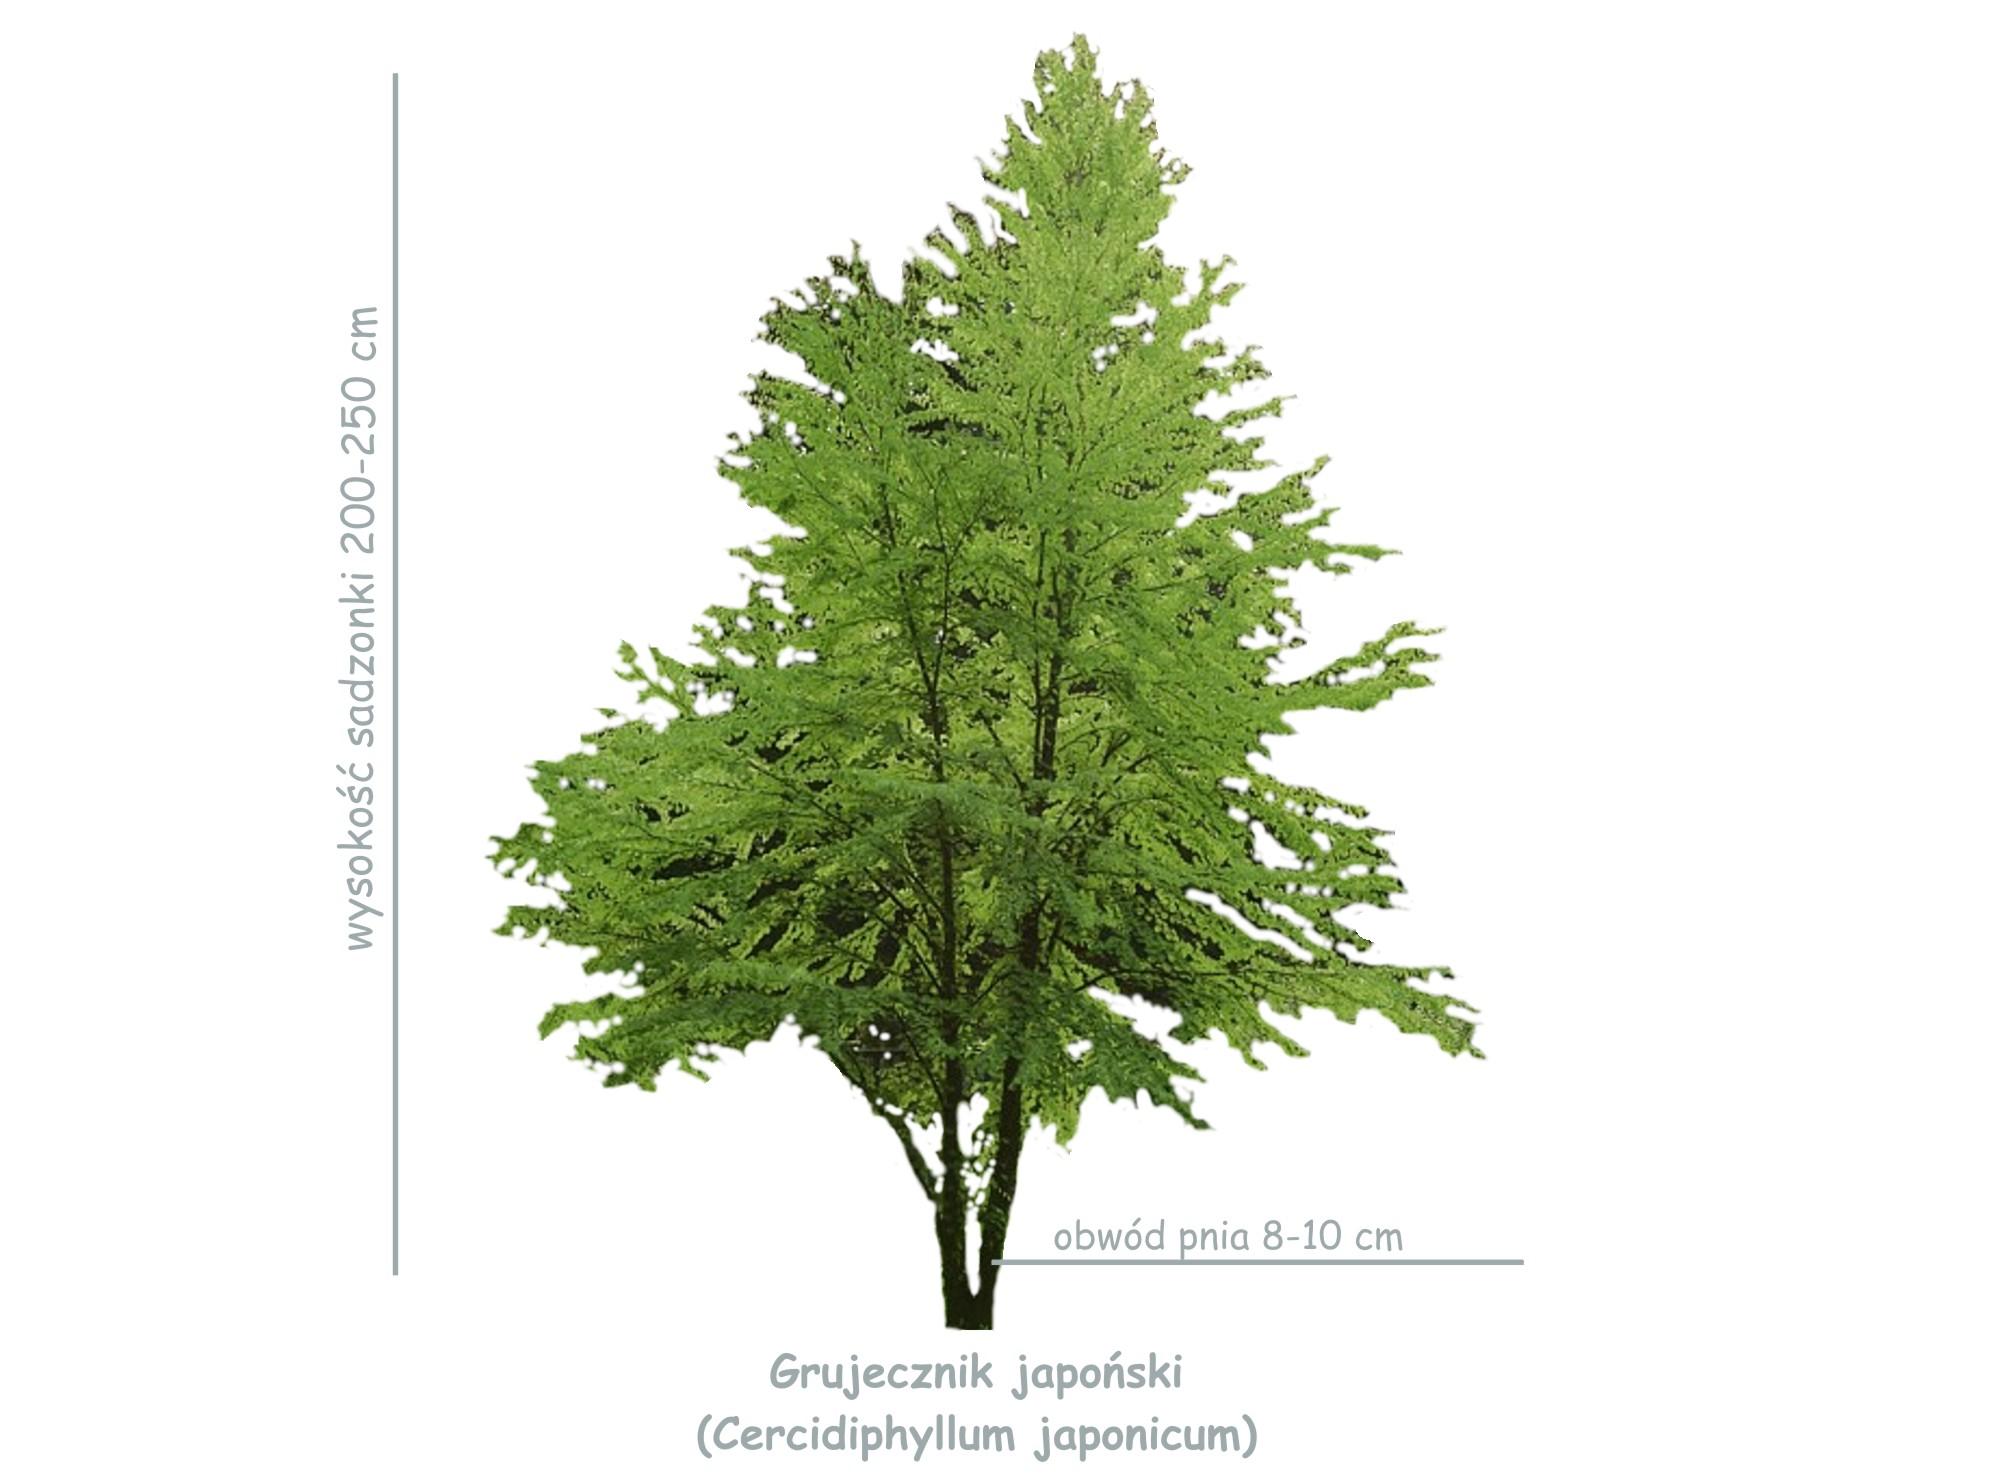 Grujecznik japońska (Cercidiphyllum japonicum) sadzonka o obwodzie 8-10 cm